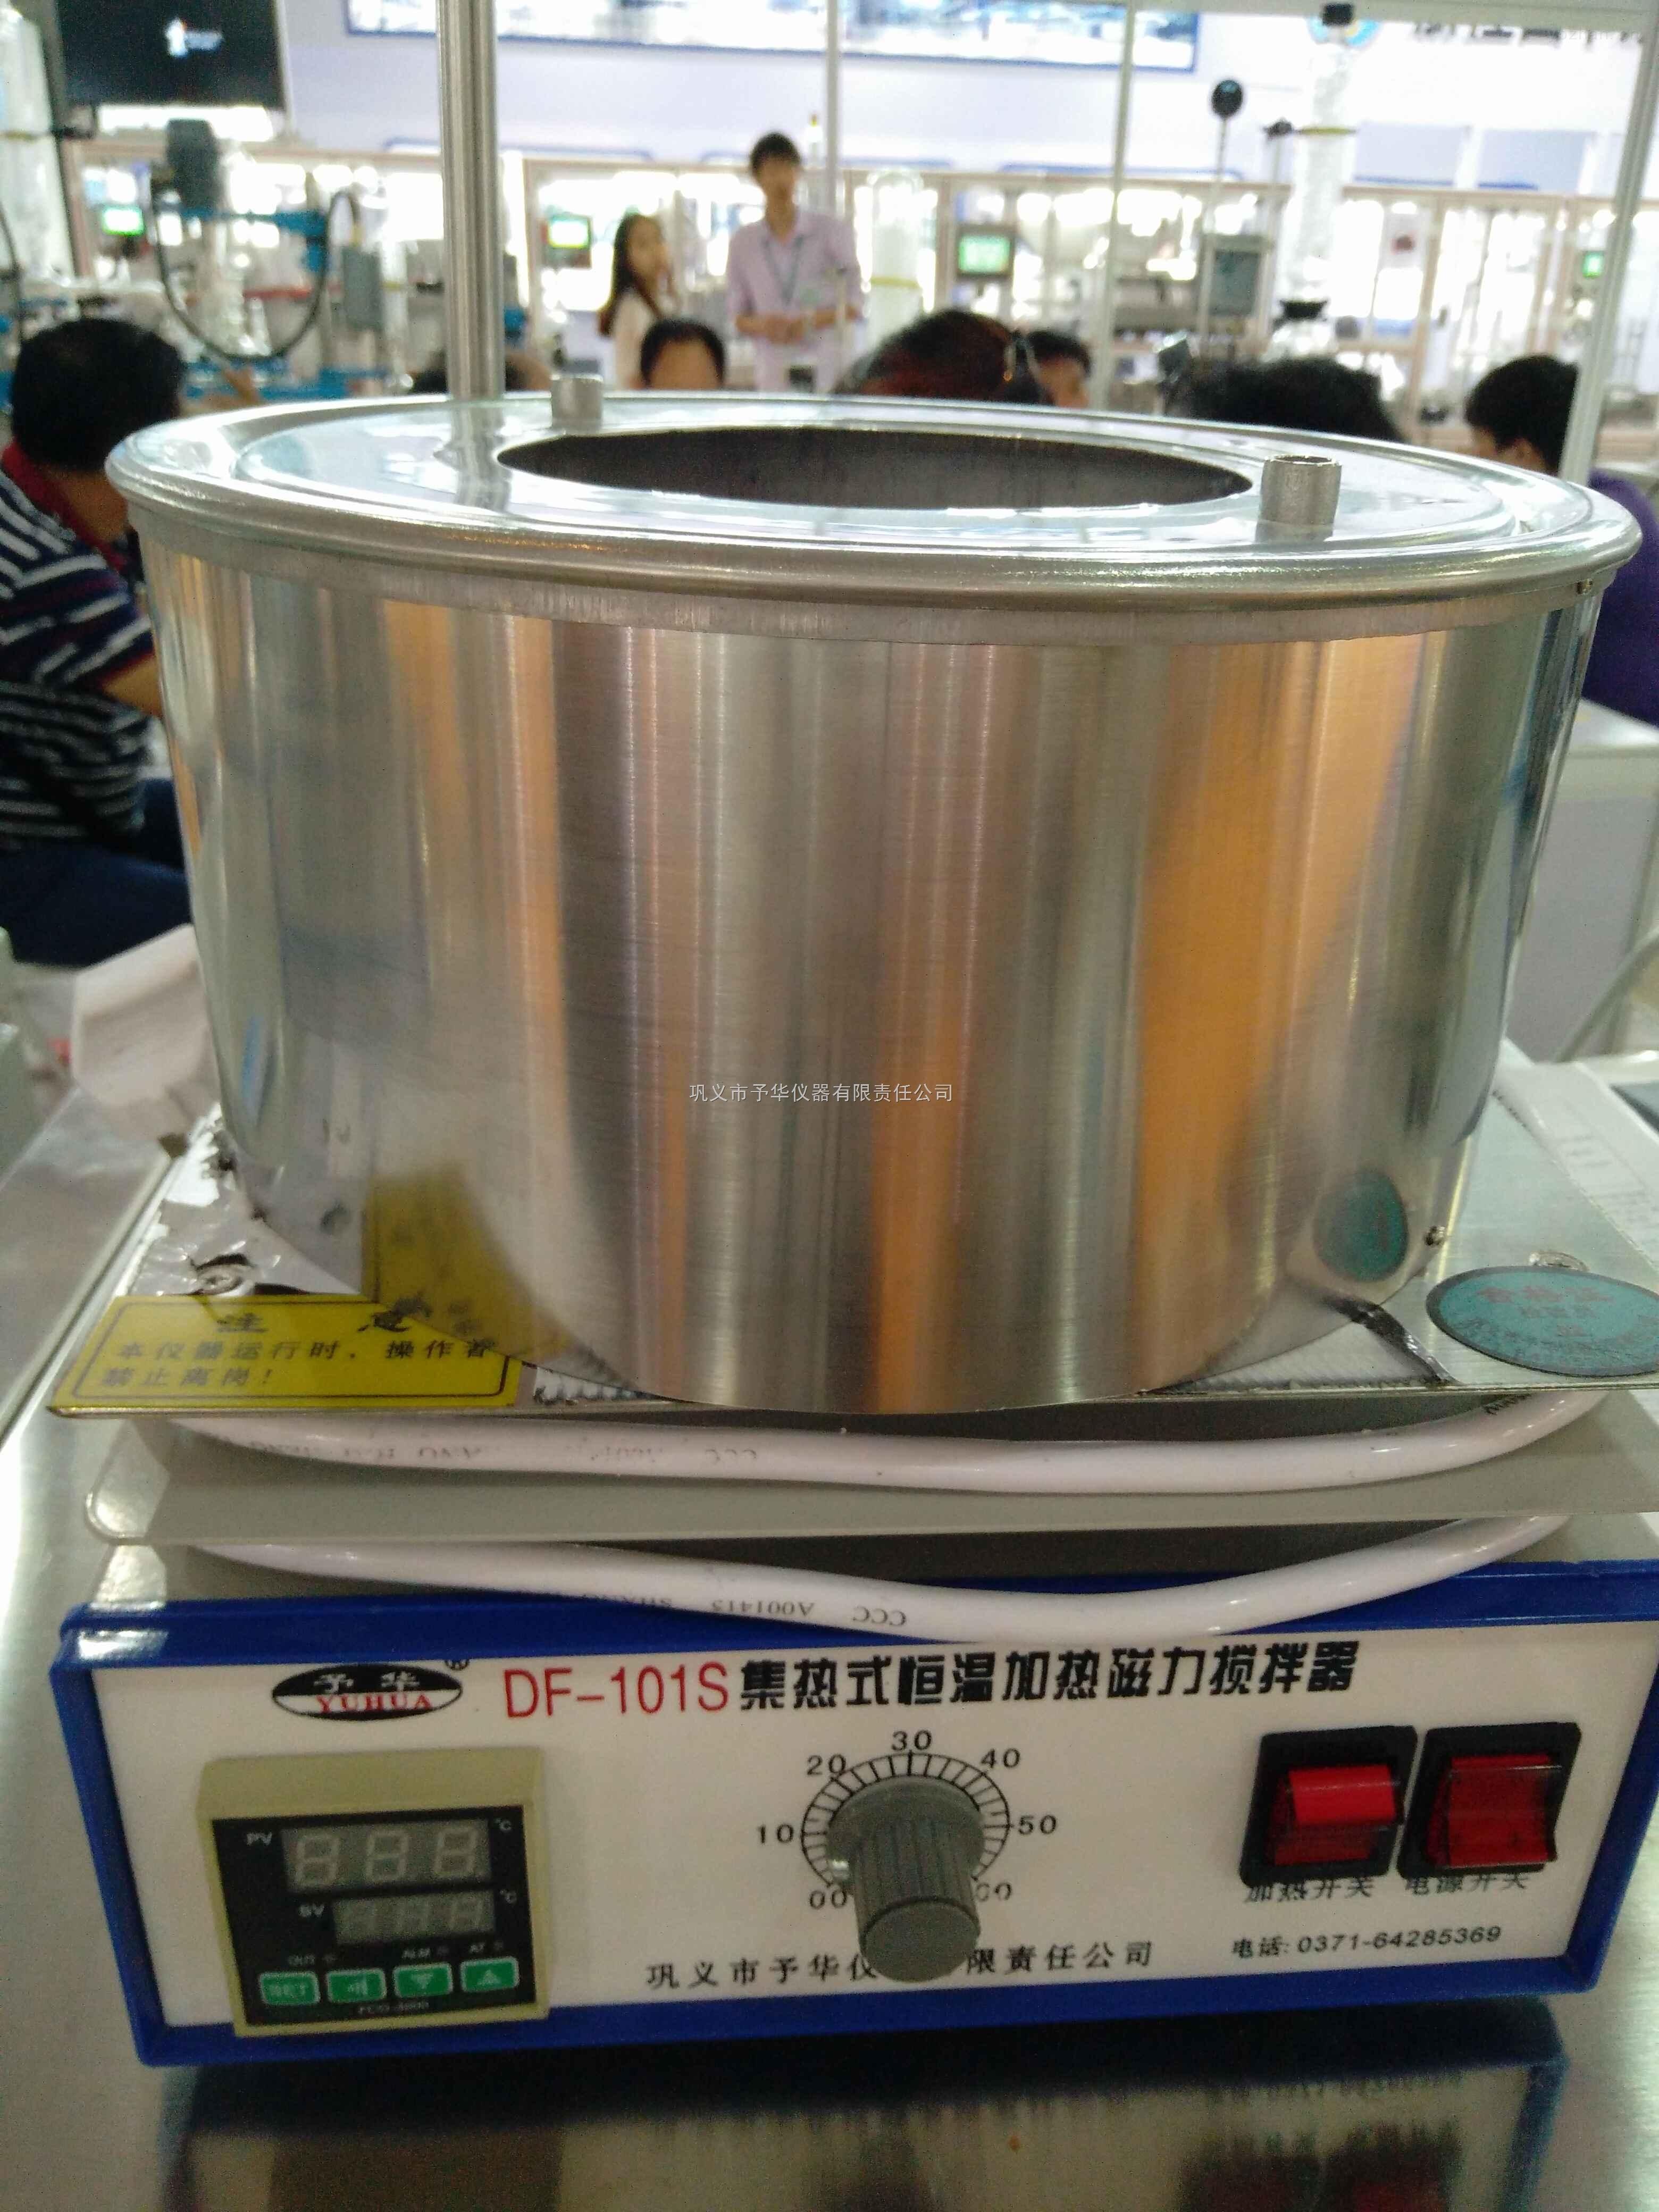 磁力搅拌器DF-101S认准予华仪器